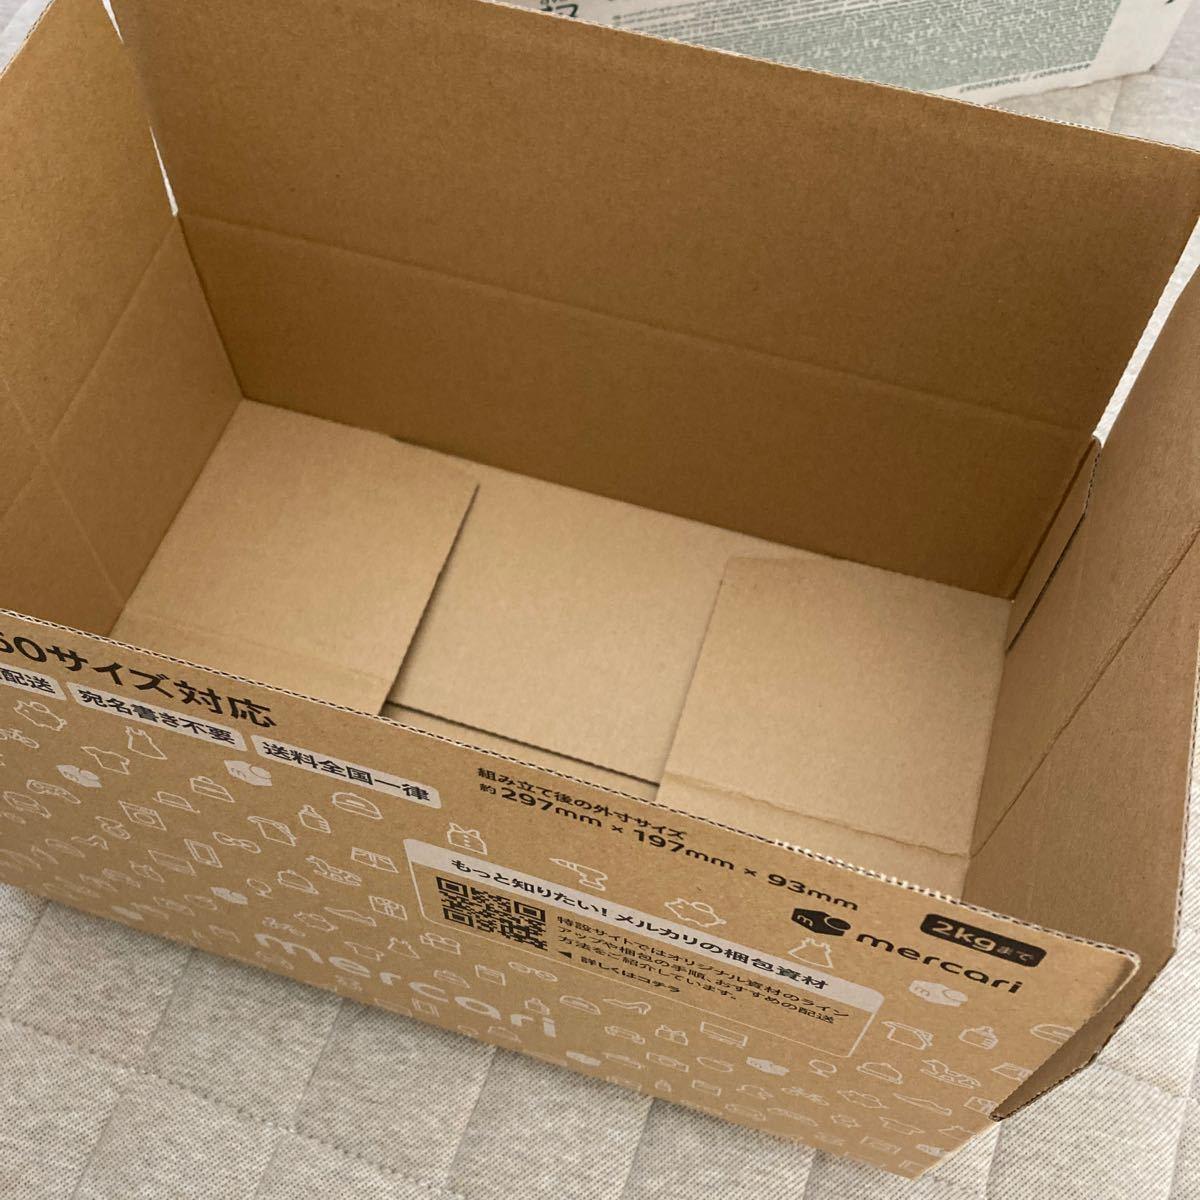 ネスカフェ ドルチェグスト 専用カプセル スターバックス ライトノートブレンド4箱+9個